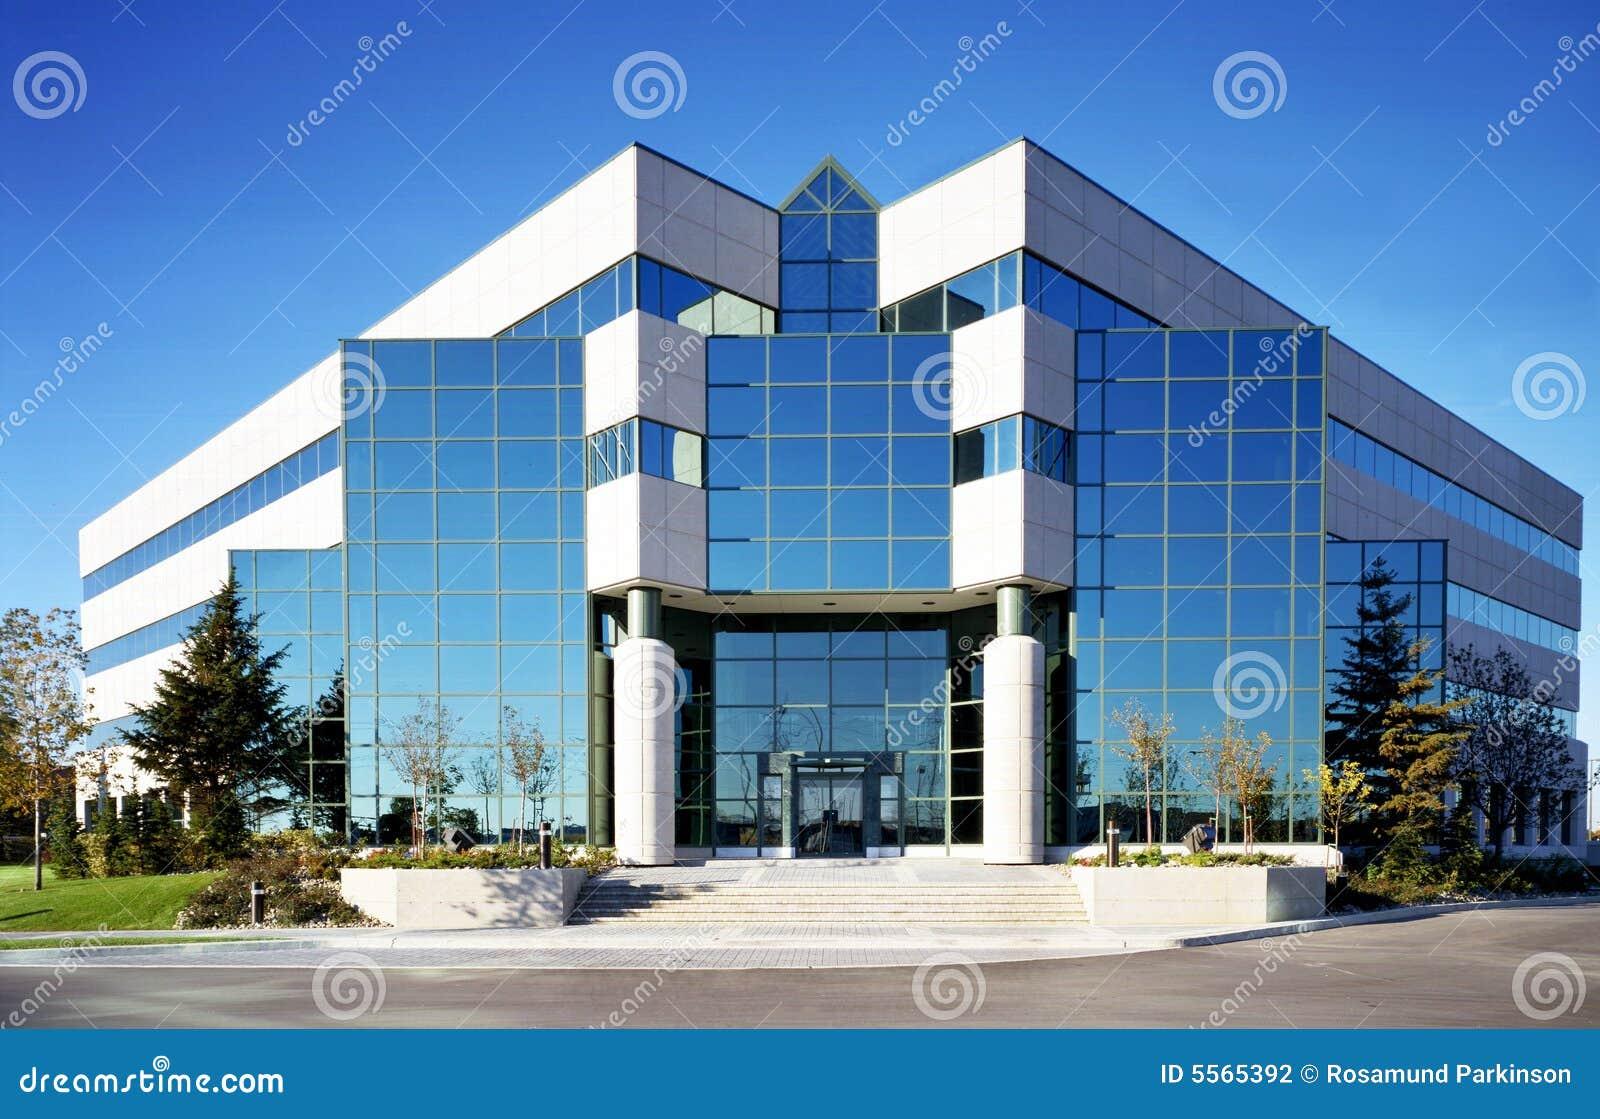 Fachada de vidro foto de stock imagem de edif cio for Fachadas modernas para oficinas